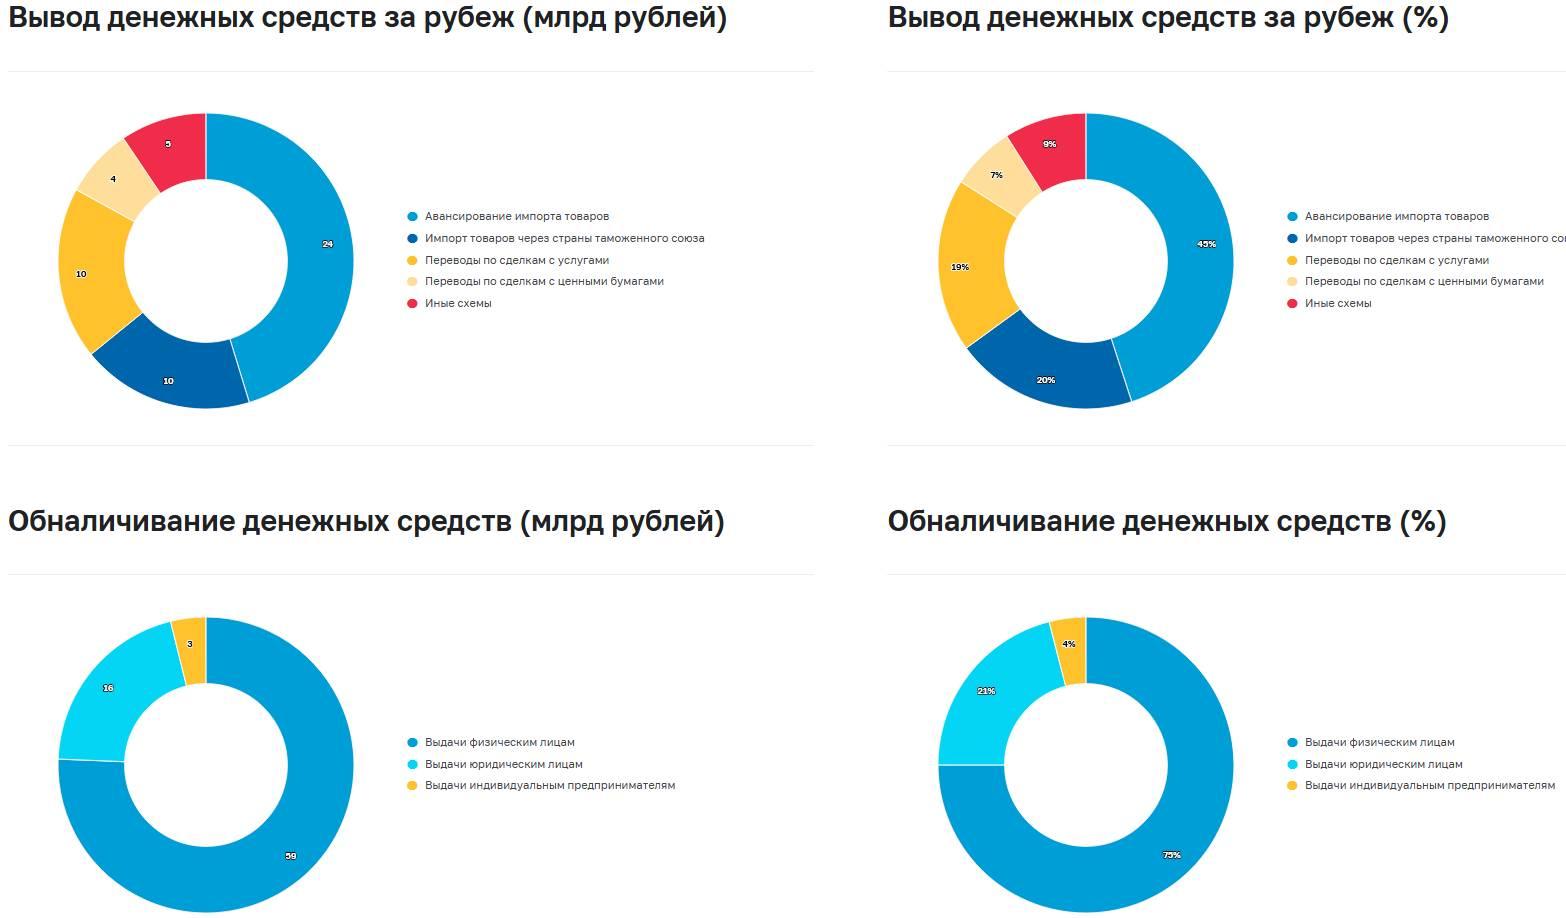 Объемы сомнительных операций в банковском секторе сократились